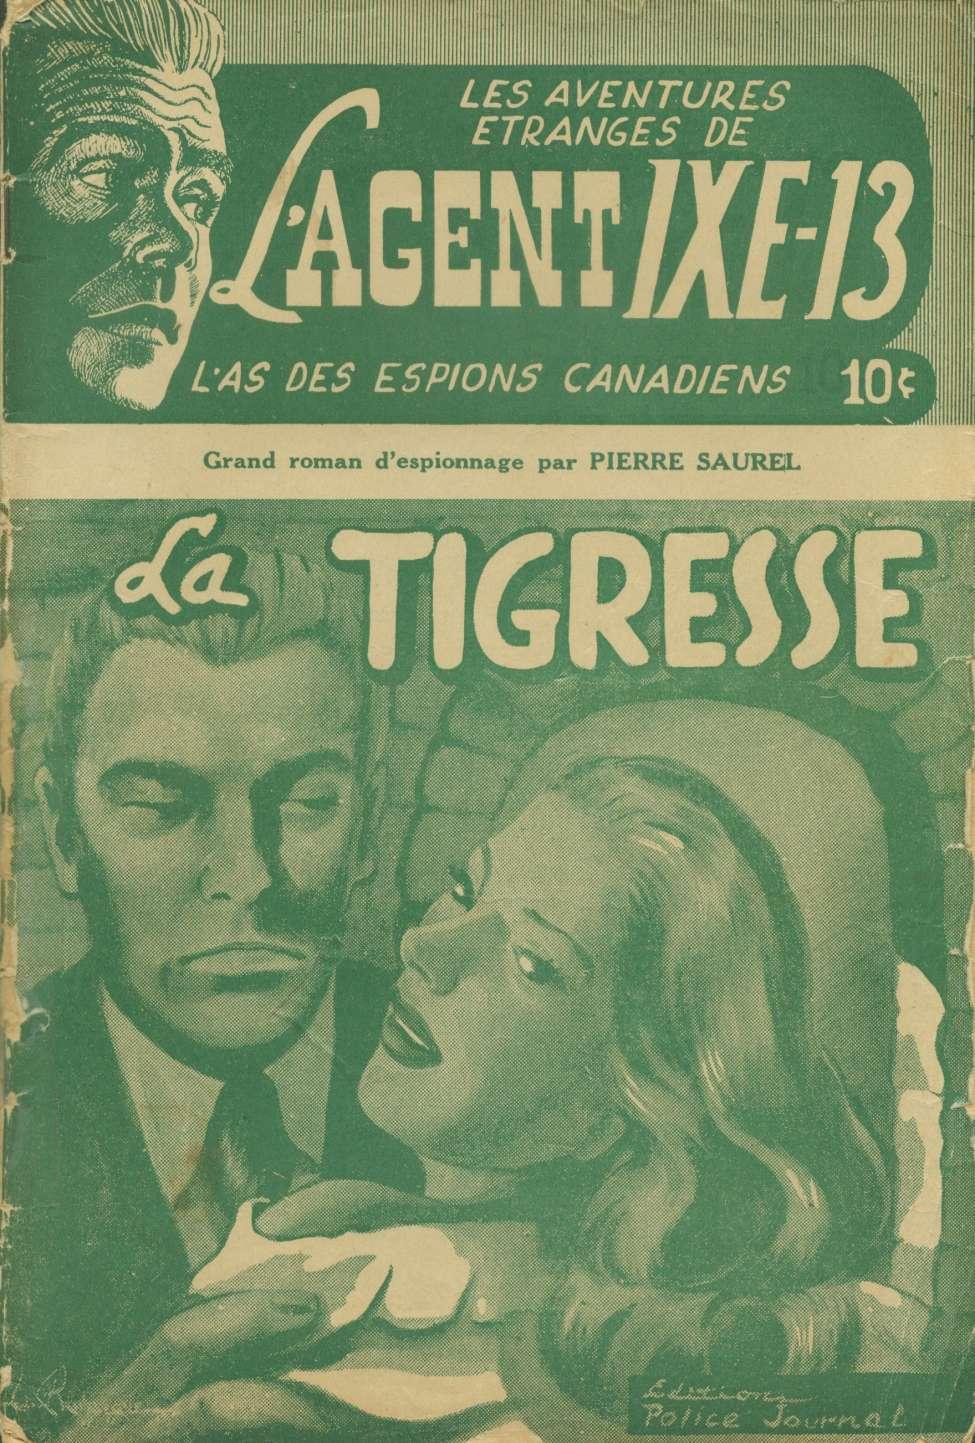 Comic Book Cover For L'Agent IXE-13 v1 002 - La tigresse